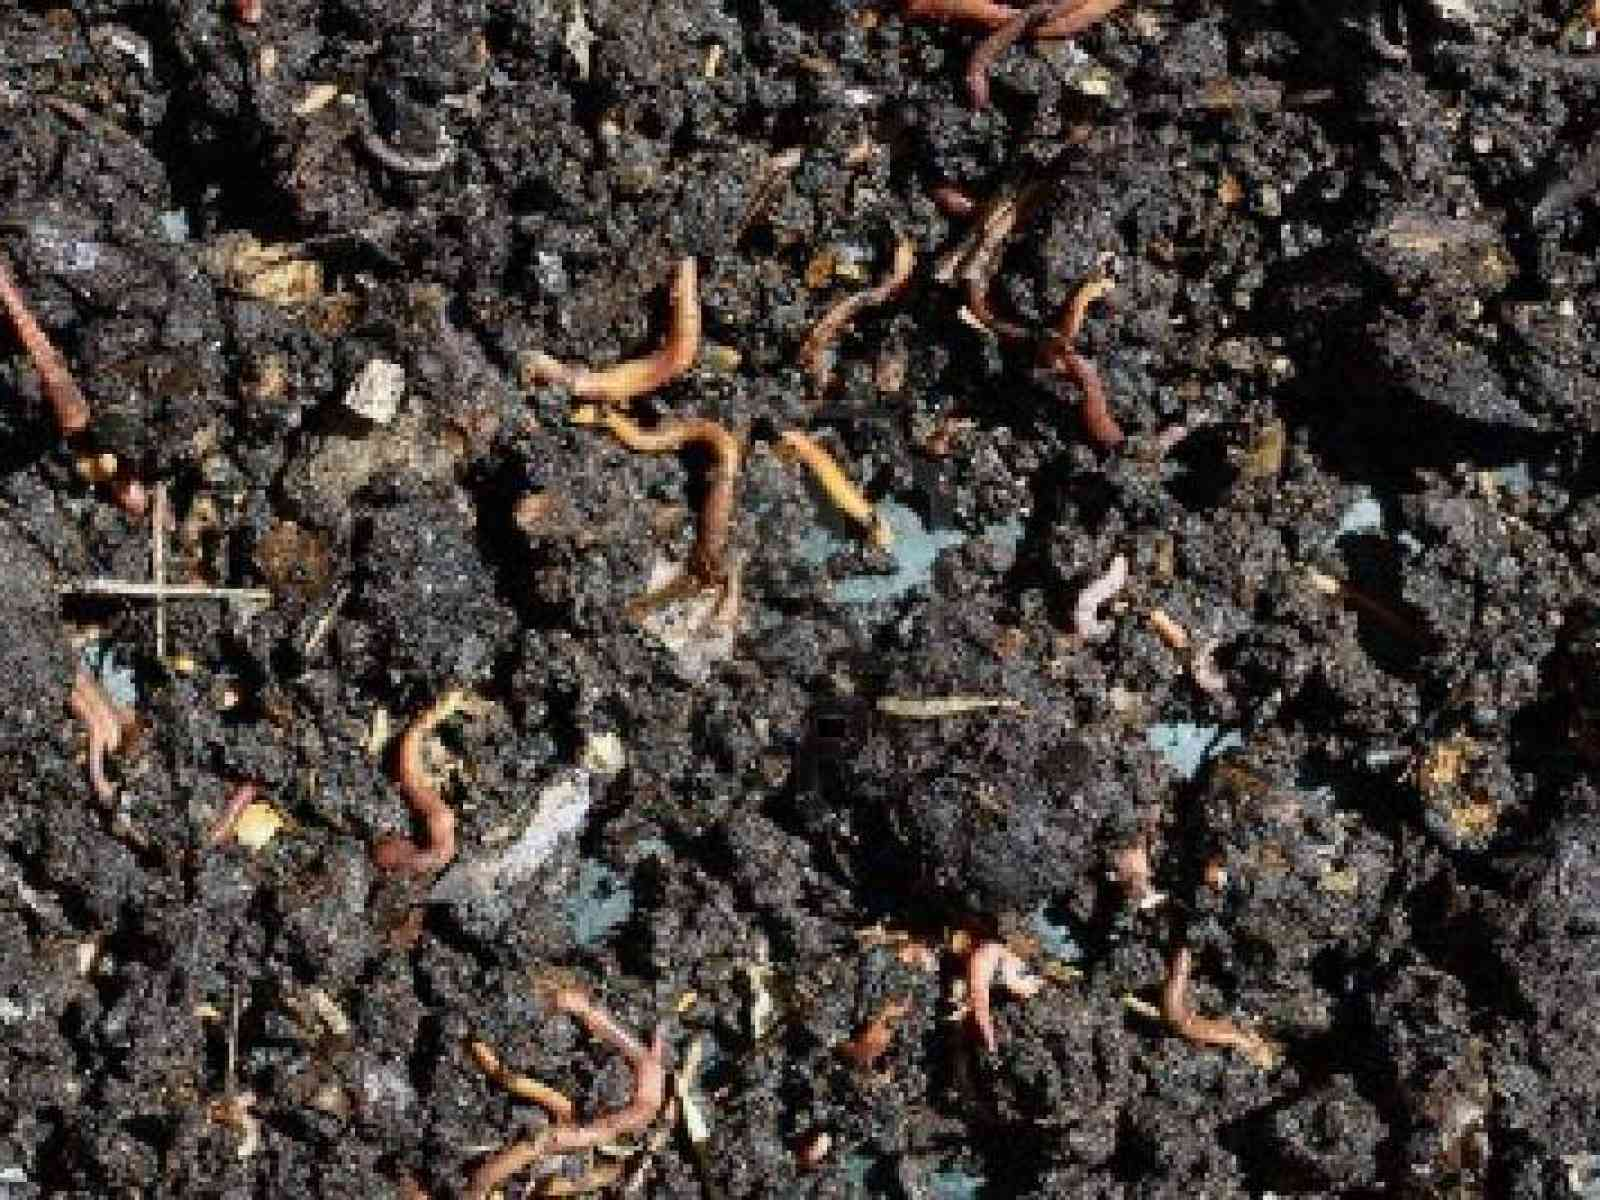 Presto l'ARO rifiuti Poggioreale e Salaparuta. I lombrichi rossi trasformeranno l'organico in concime